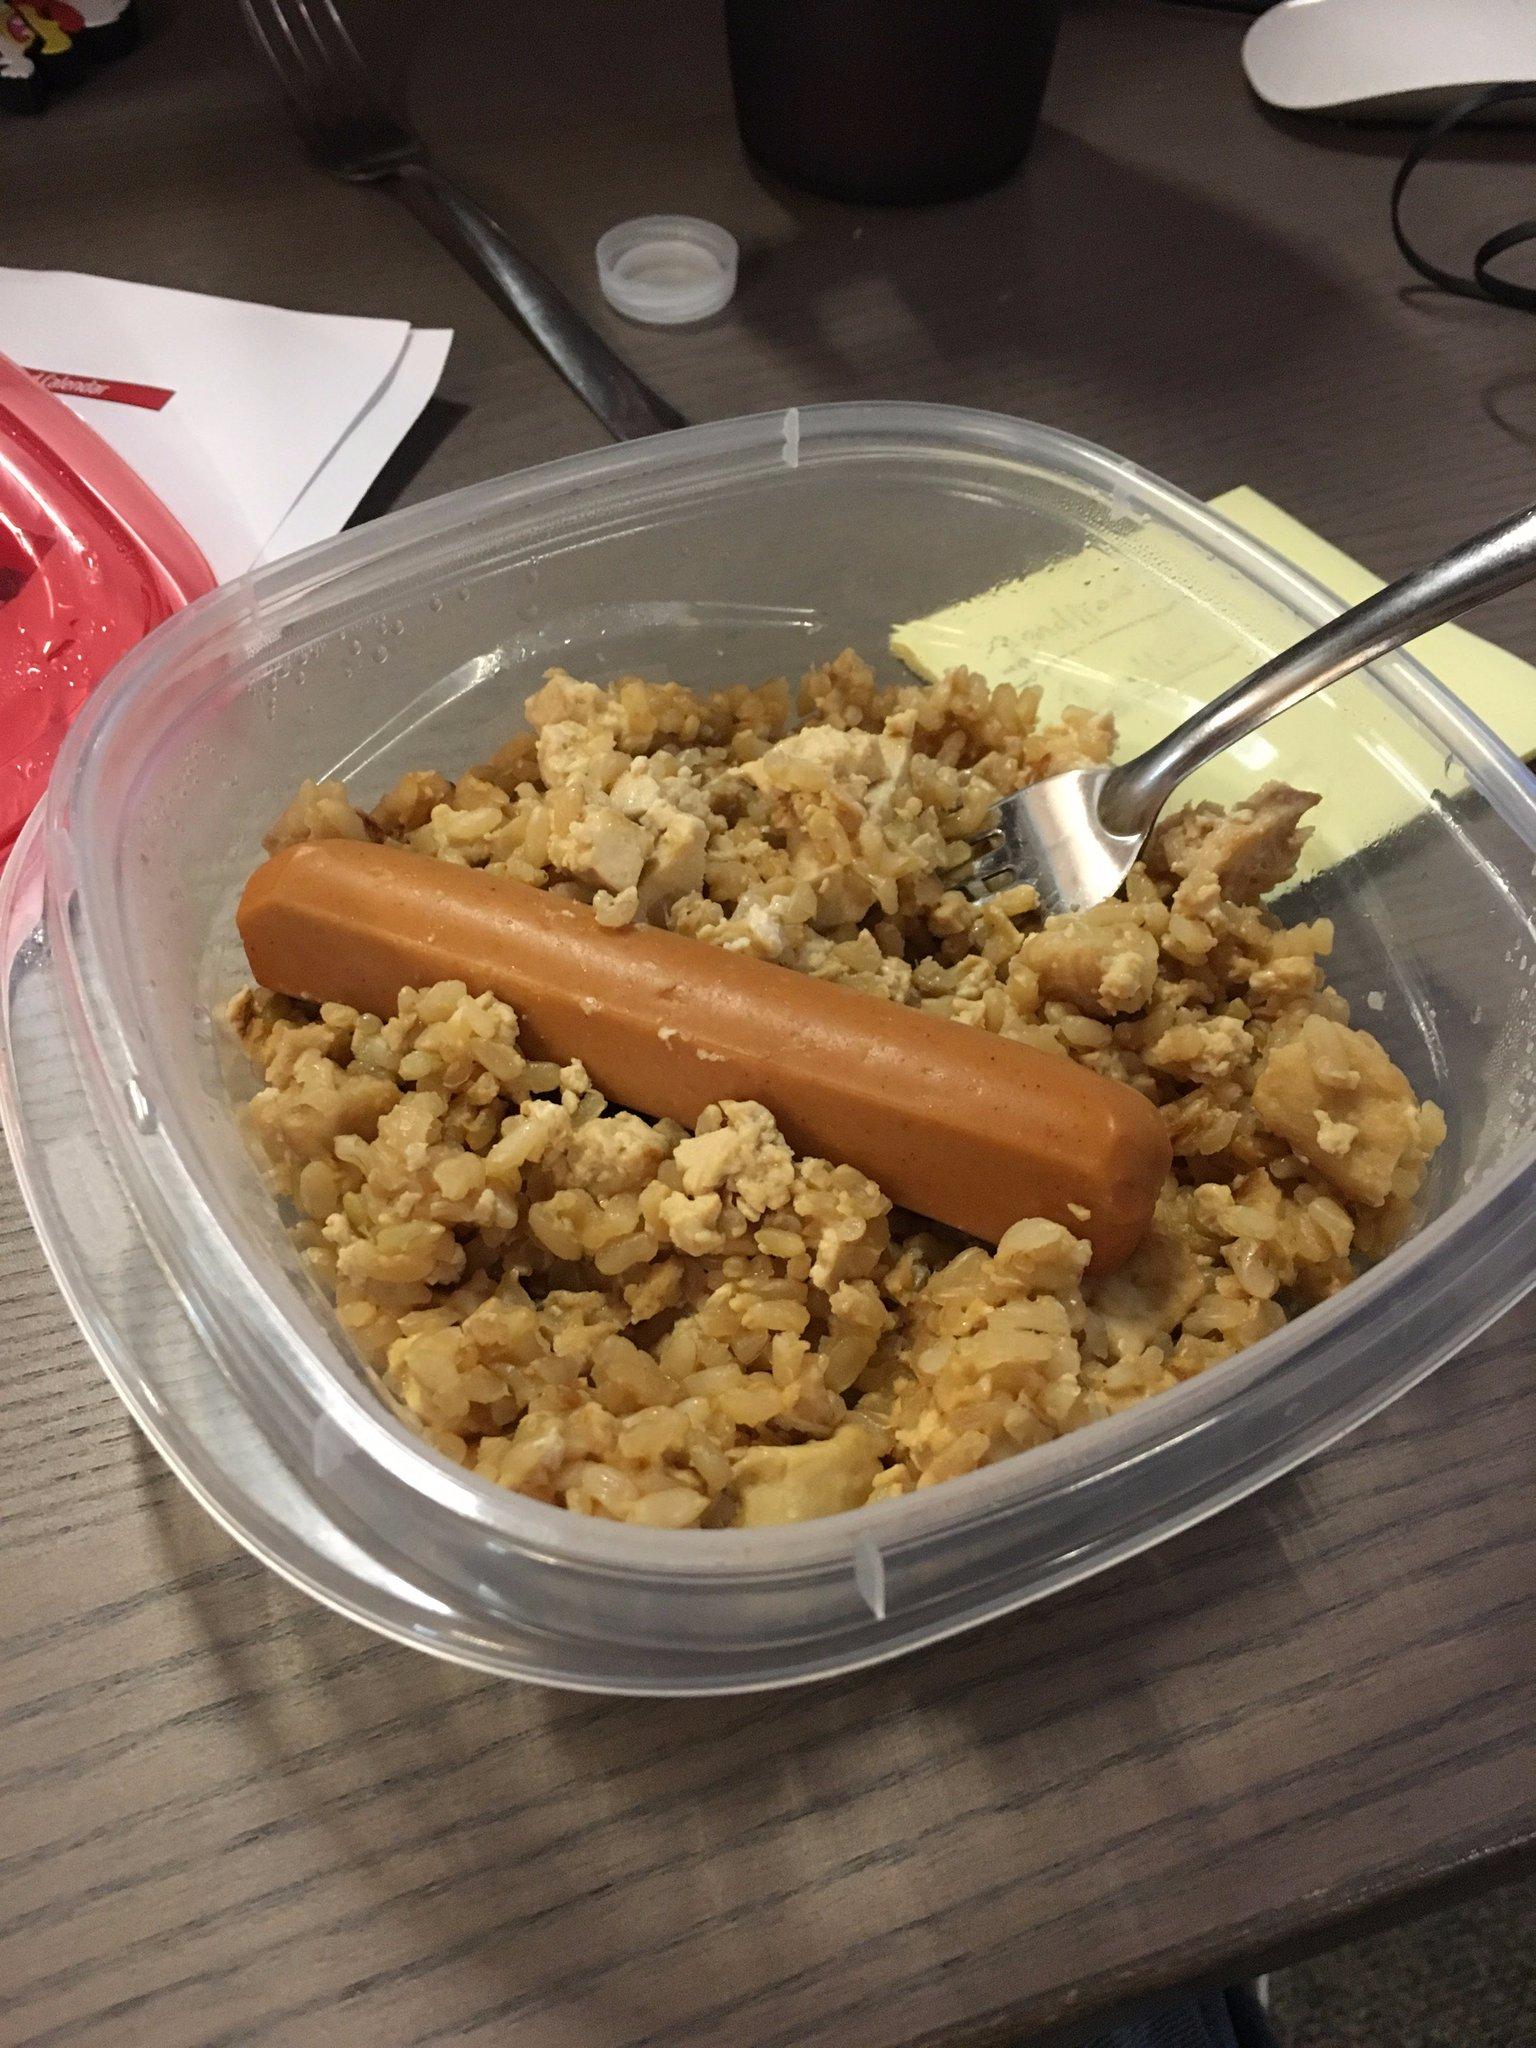 Lunch is served #saddesklunch